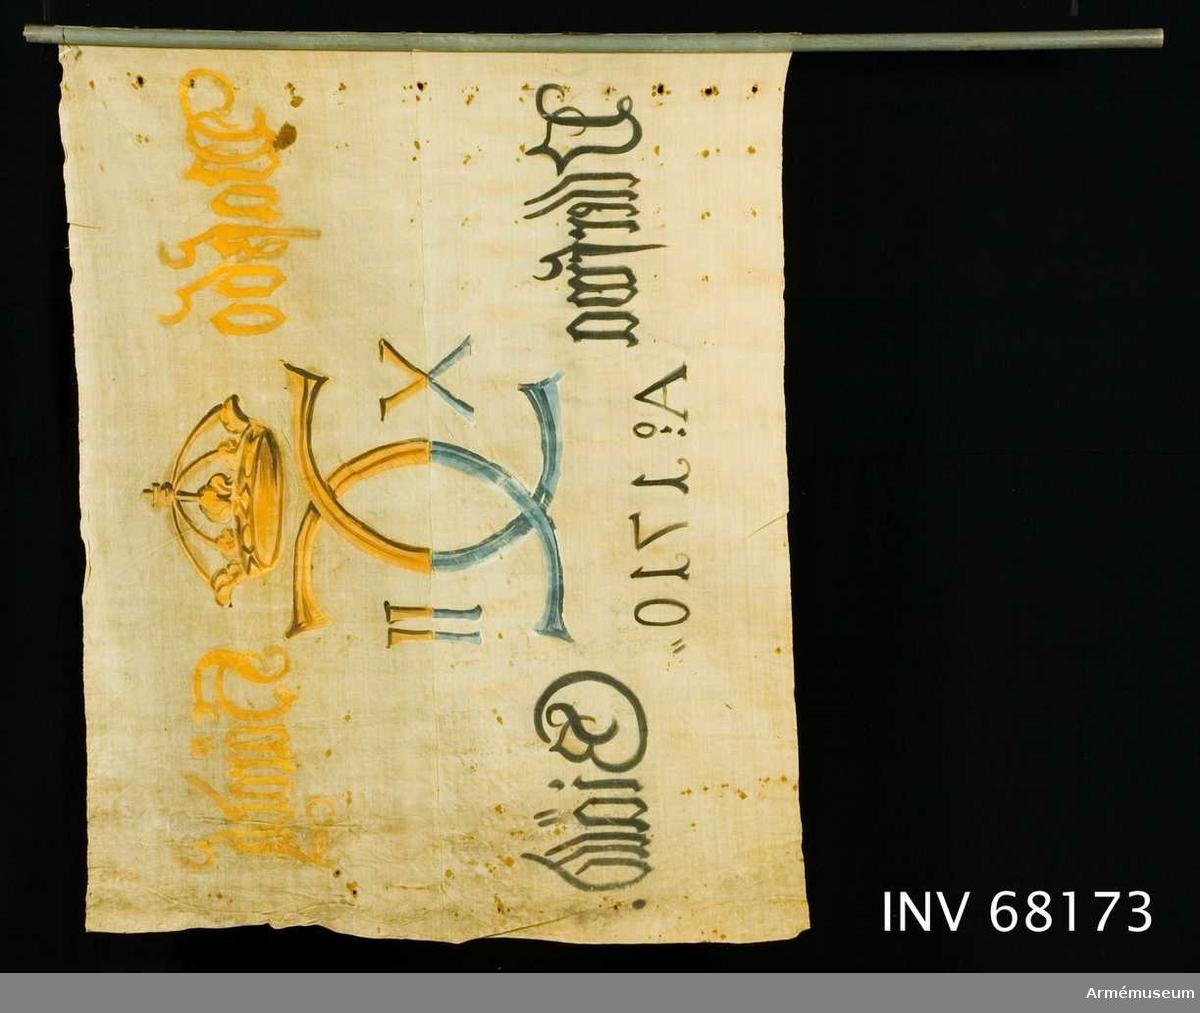 Duk: Tillverkad av enkel vit linnelärft. Sammankastad av två horisontella våder. Vertikala kantfållen lagd åt dukens utsida. Fäst med en rad järnnaglar på en liten skinnremsa, något rostfläckad.  Dekor: Målad endast på dukens utsida, i mitten Carl XII:s namnchiffer, dubbelt C, med sluten krönt krona. På ömse sidor om detta X-II i gult på övre våden, i blått och svart på den nedre.  Text på ömse sidor om chiffret, upptill i gul och nedtill i svart. Under chiffret text i svart.  Stång. Avsågad, blågråmålad.